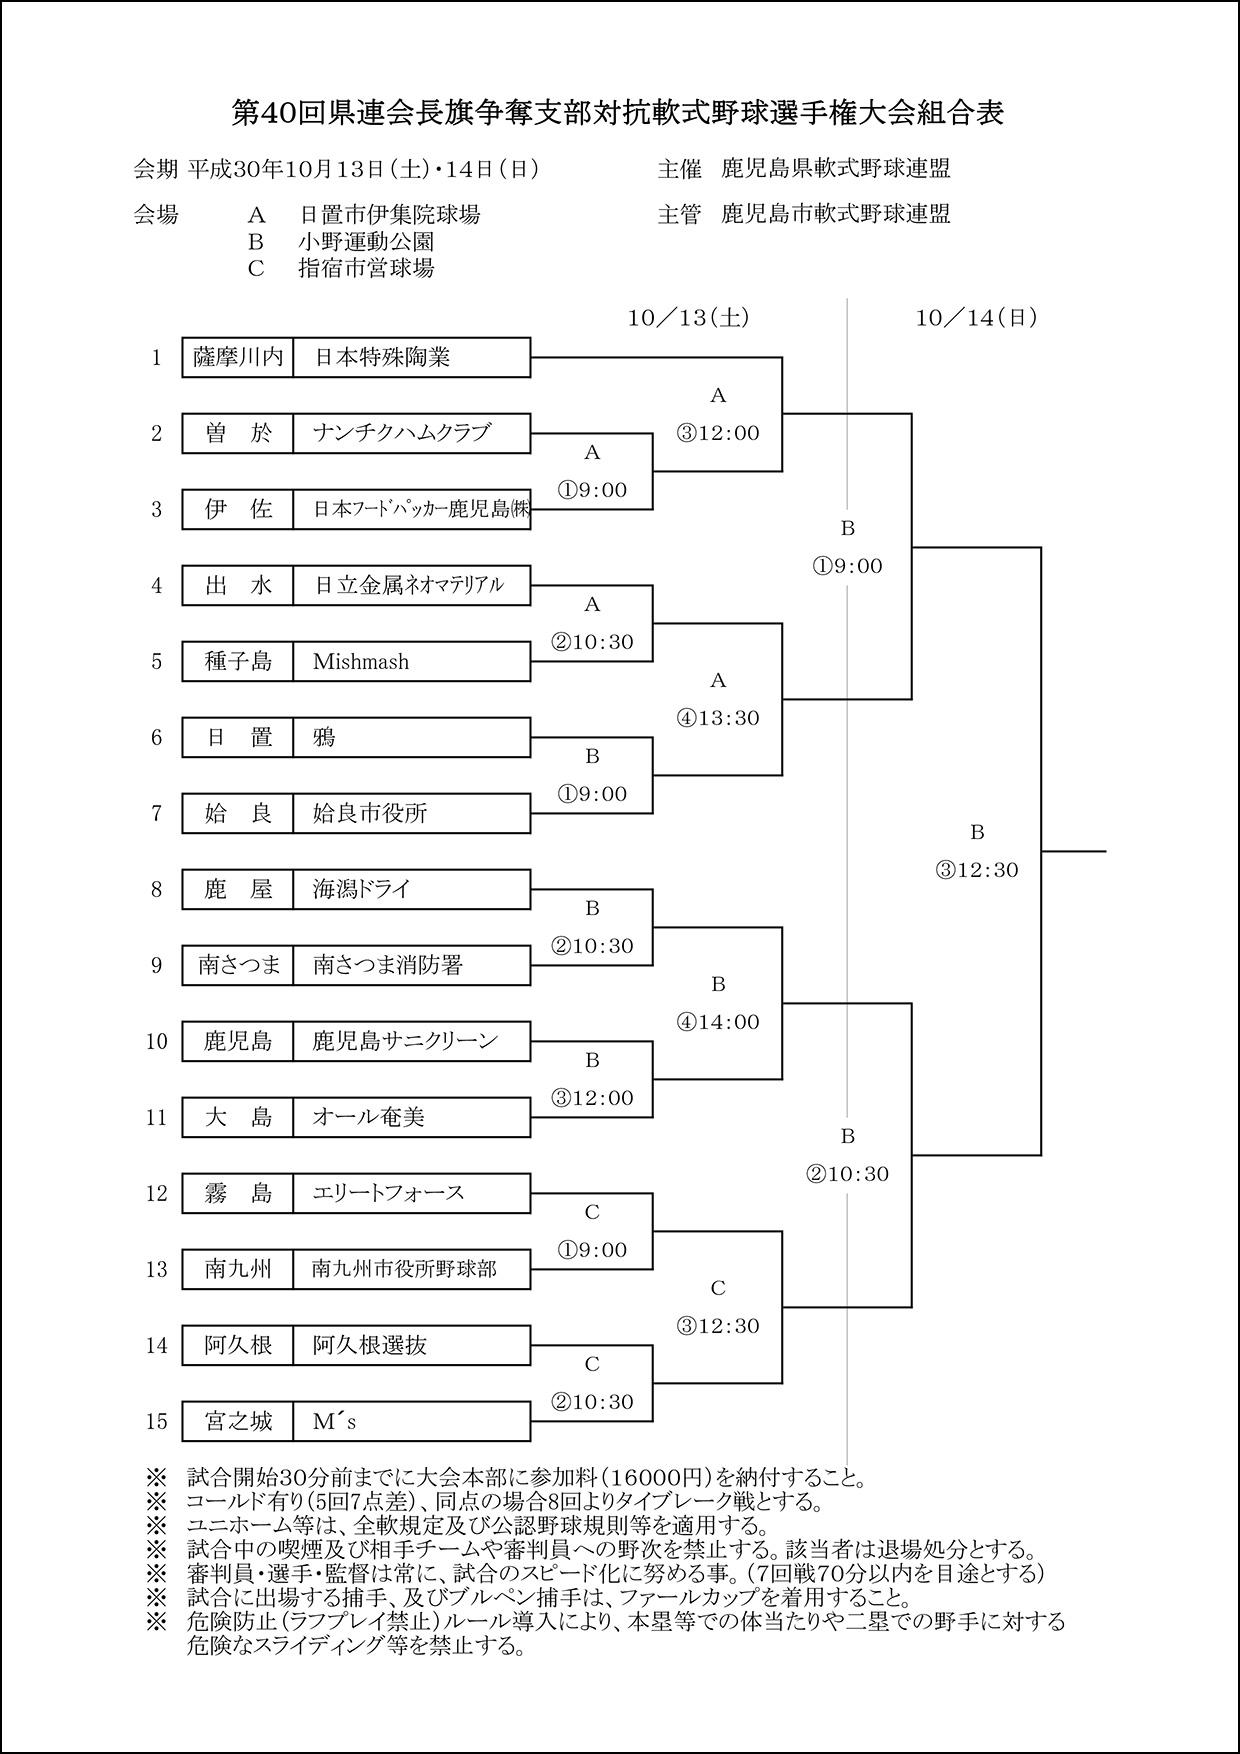 【組合せ】第40回県連会長杯軟式野球大会